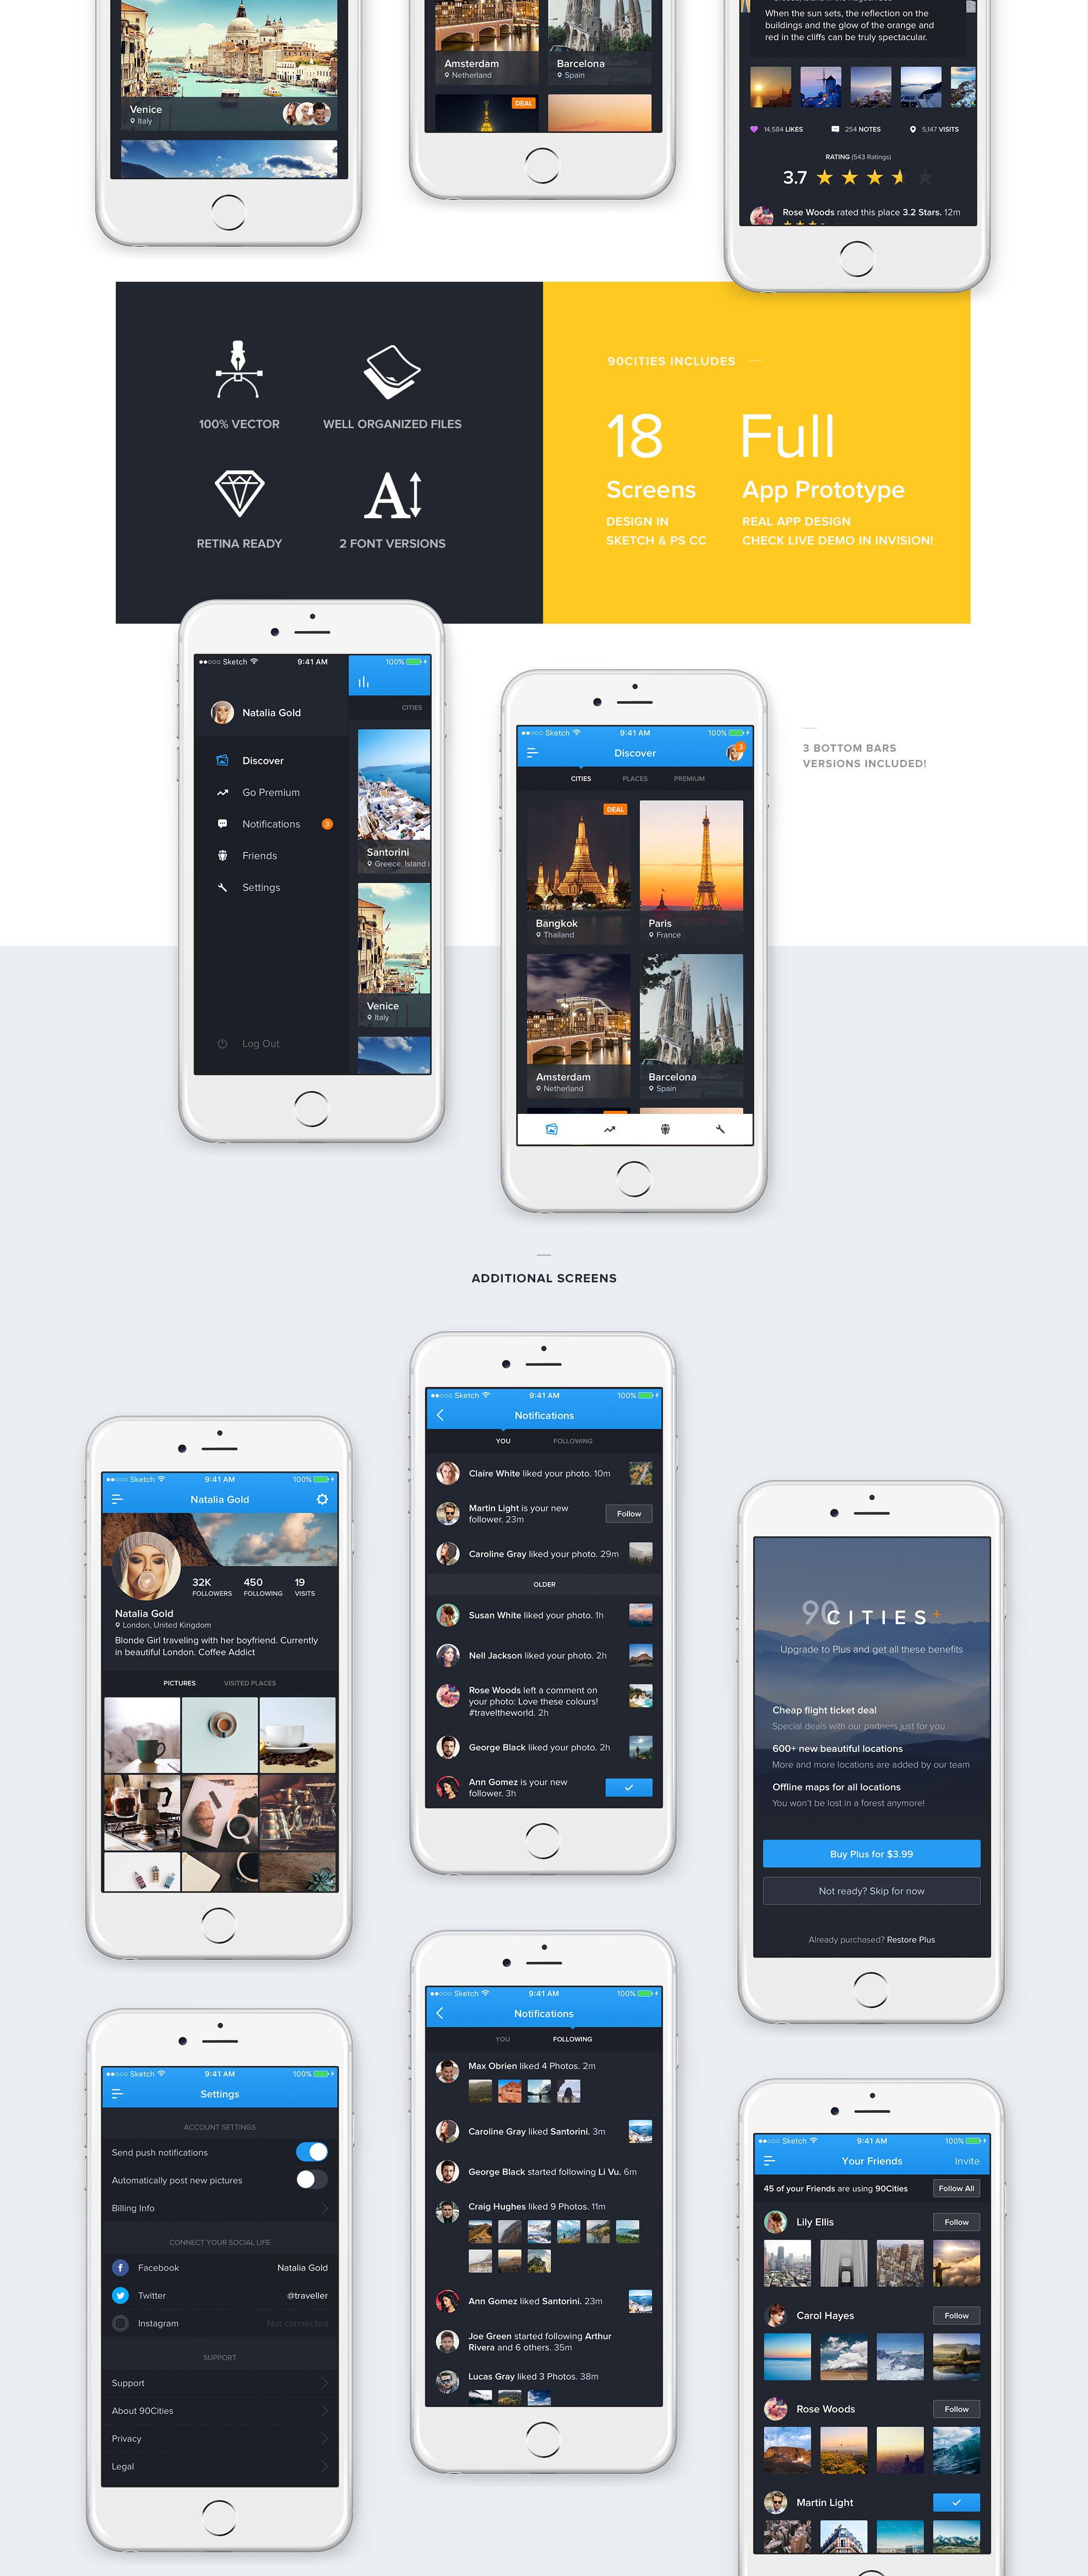 超级完整好看旅游类90Cities iOS APP UI界面设计 psd与sketch两种格式(会员专享) 主题包-第3张